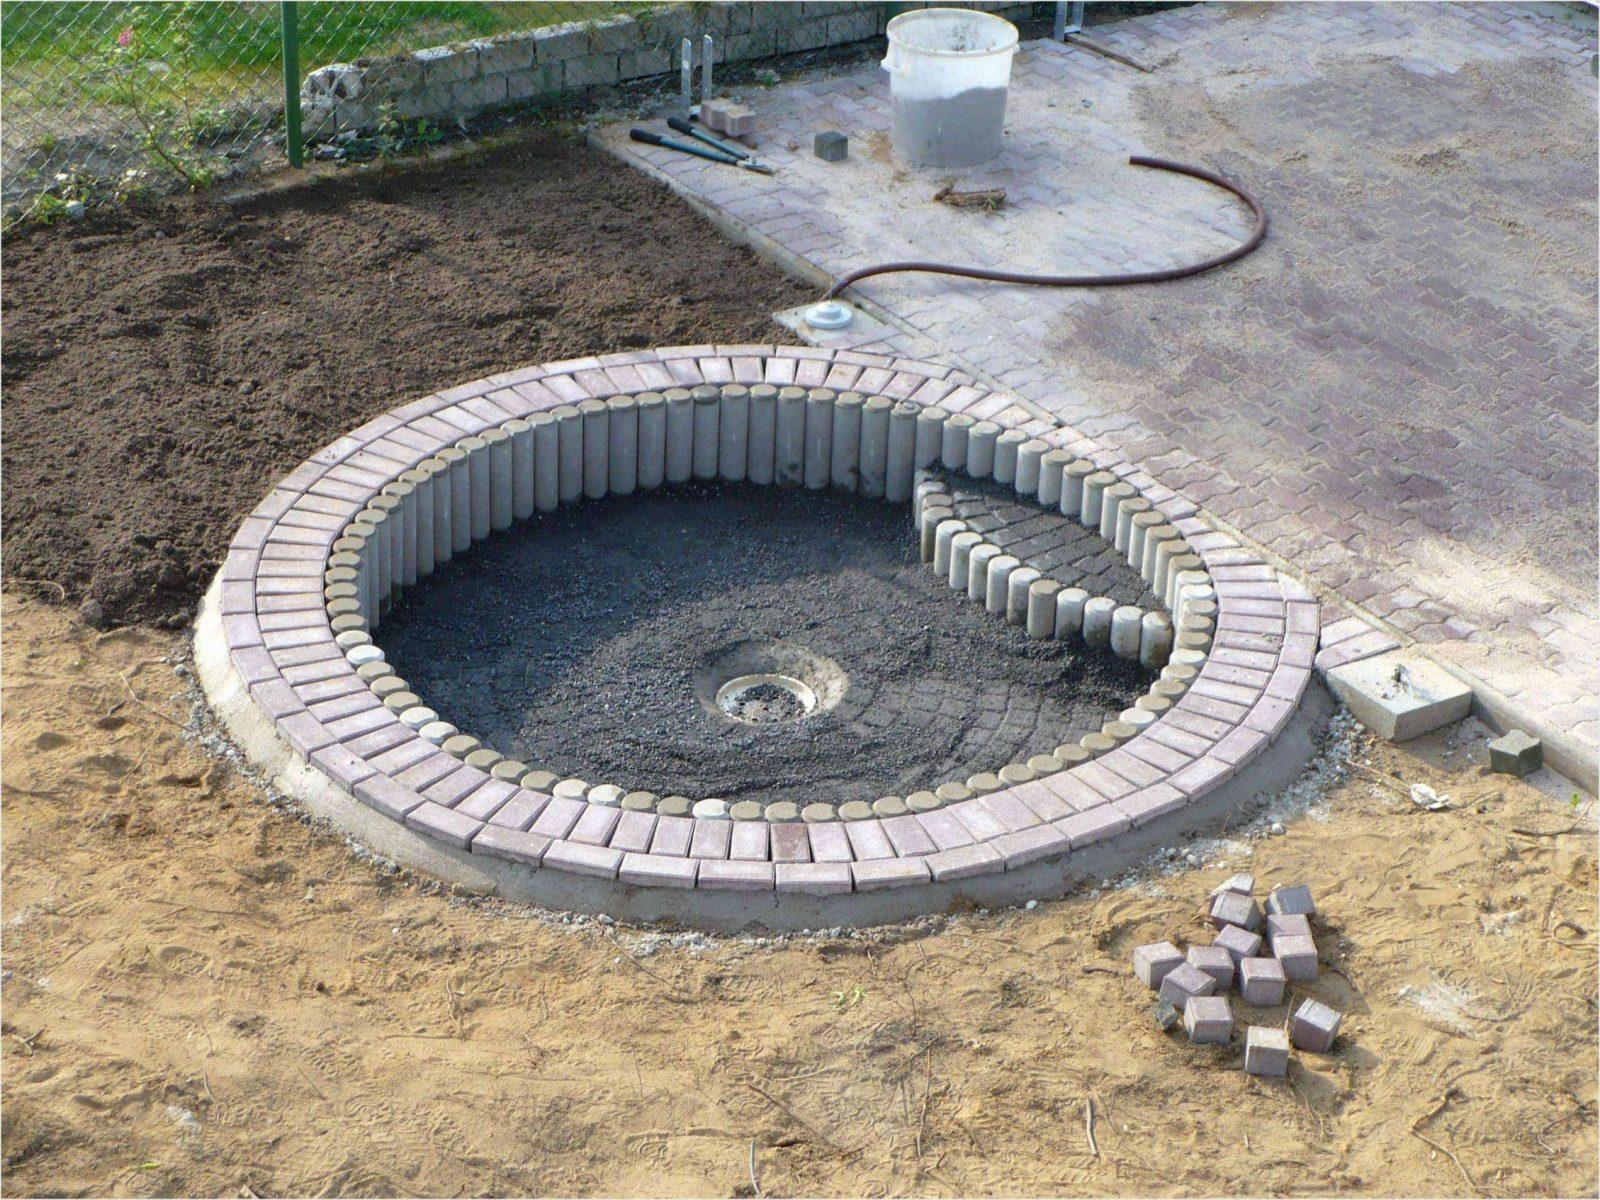 Feuerstelle Im Garten Selber Bauen Schön Terrassenuberdachungen von Garten Feuerstelle Selber Bauen Photo